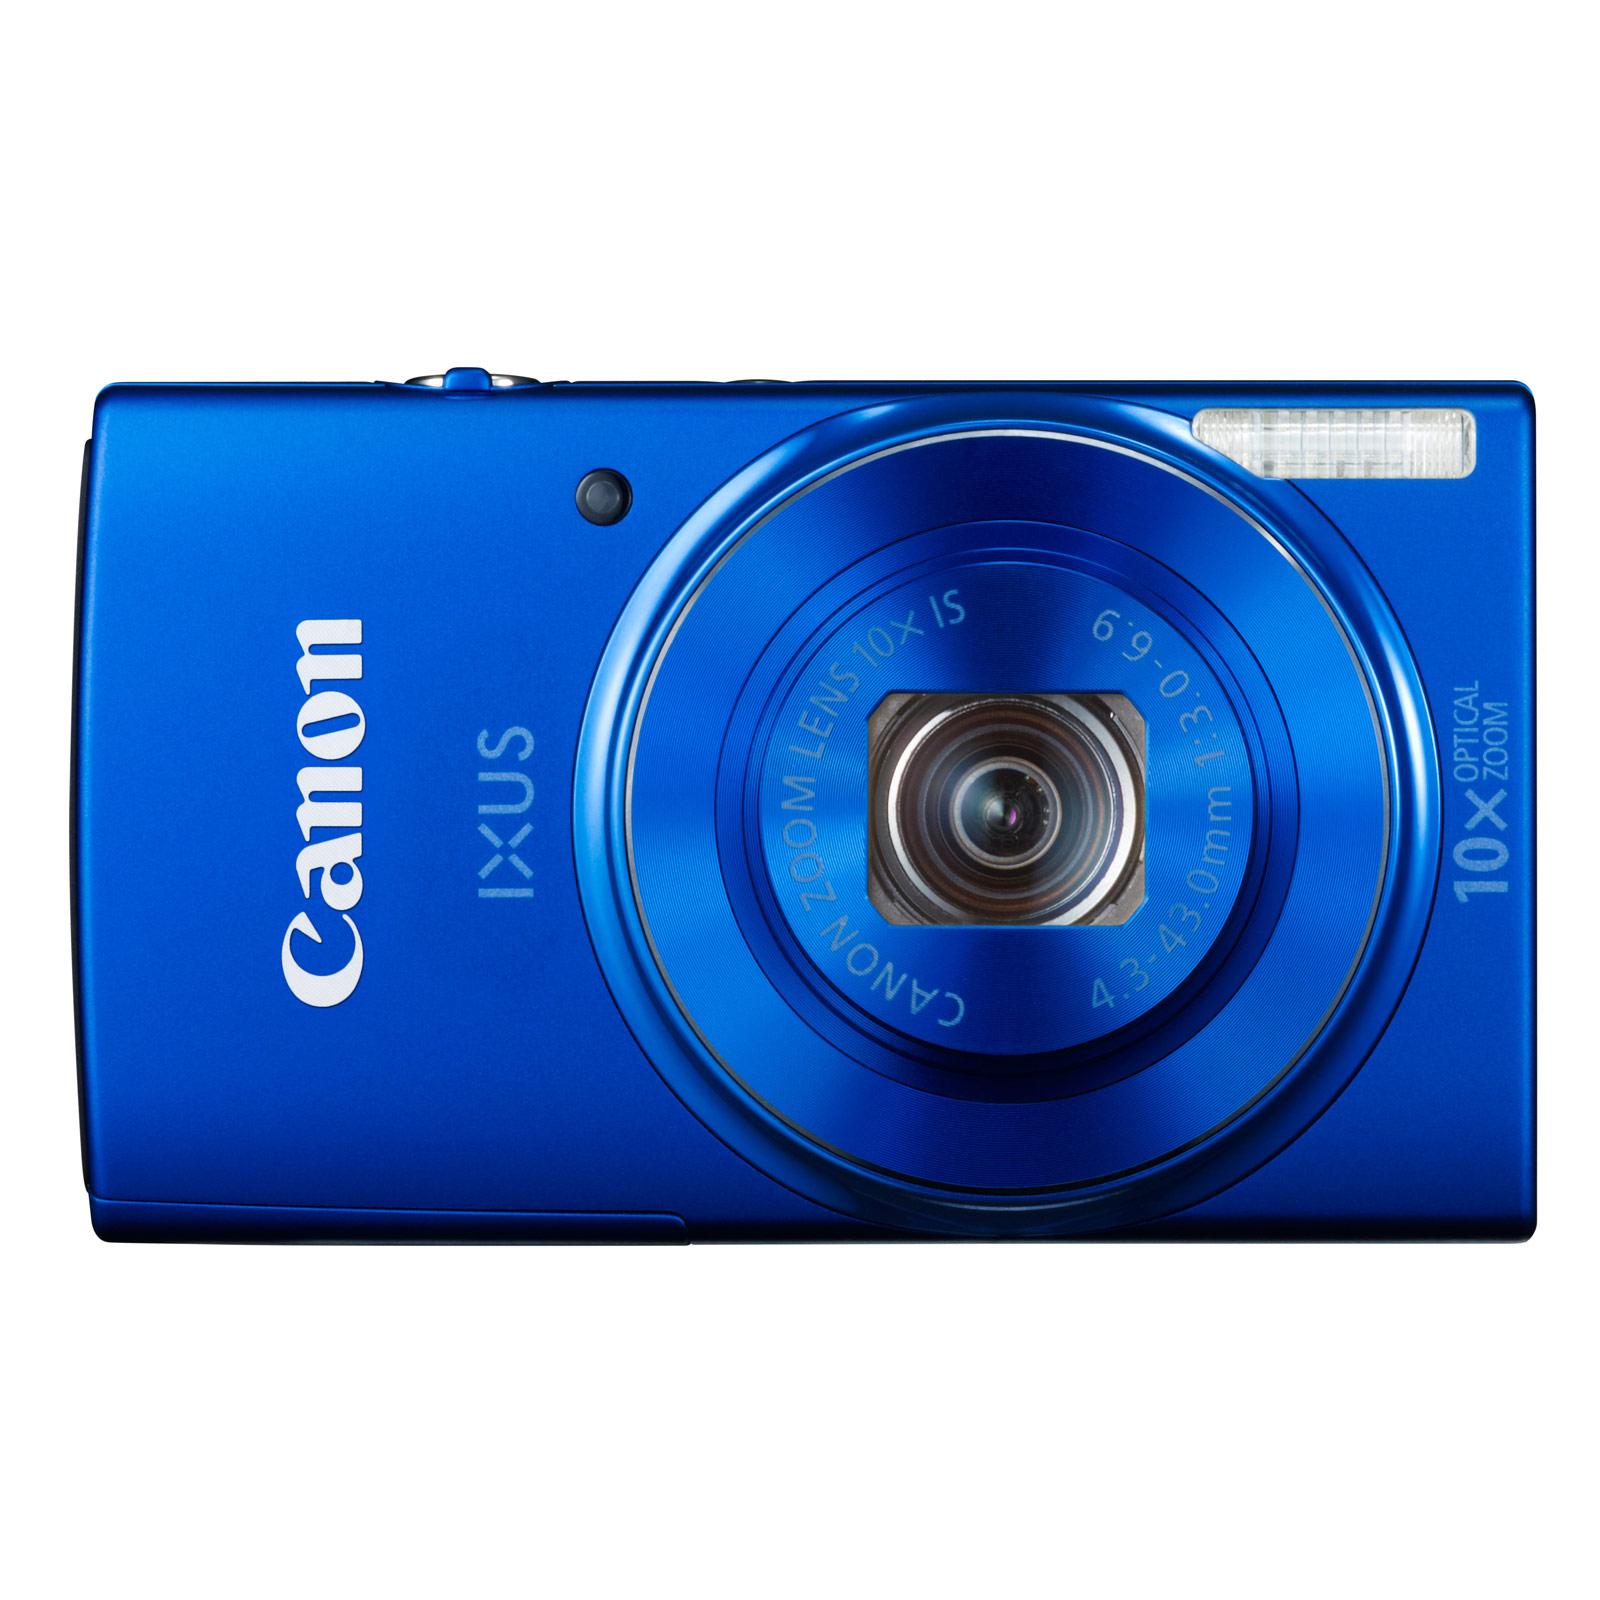 canon ixus 155 bleu appareil photo num rique canon sur. Black Bedroom Furniture Sets. Home Design Ideas